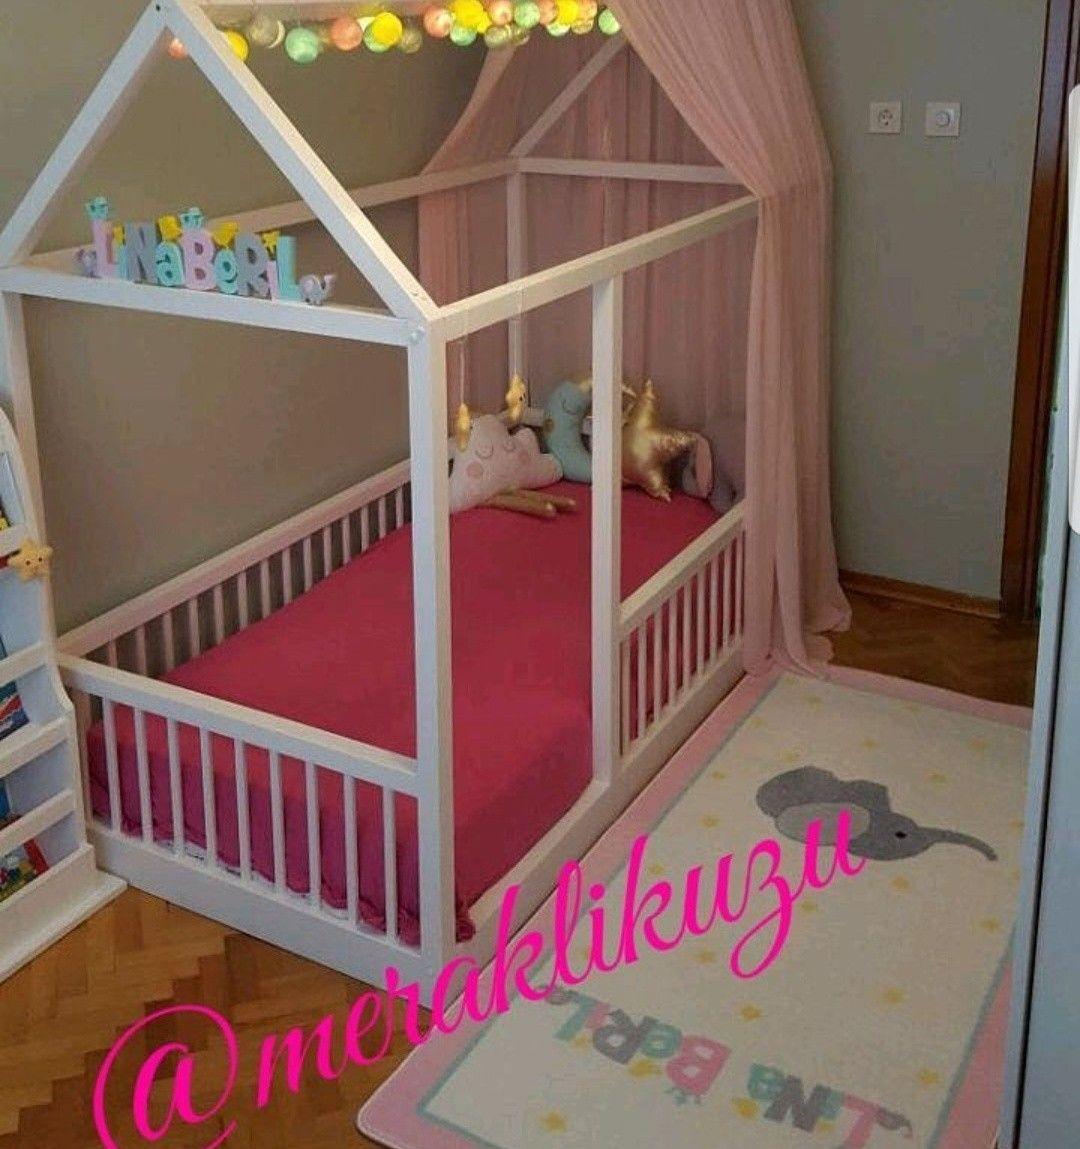 montessori bad baby room childs rooms yer yata montessori rh in pinterest com bad baby rash bad baby rash treatment